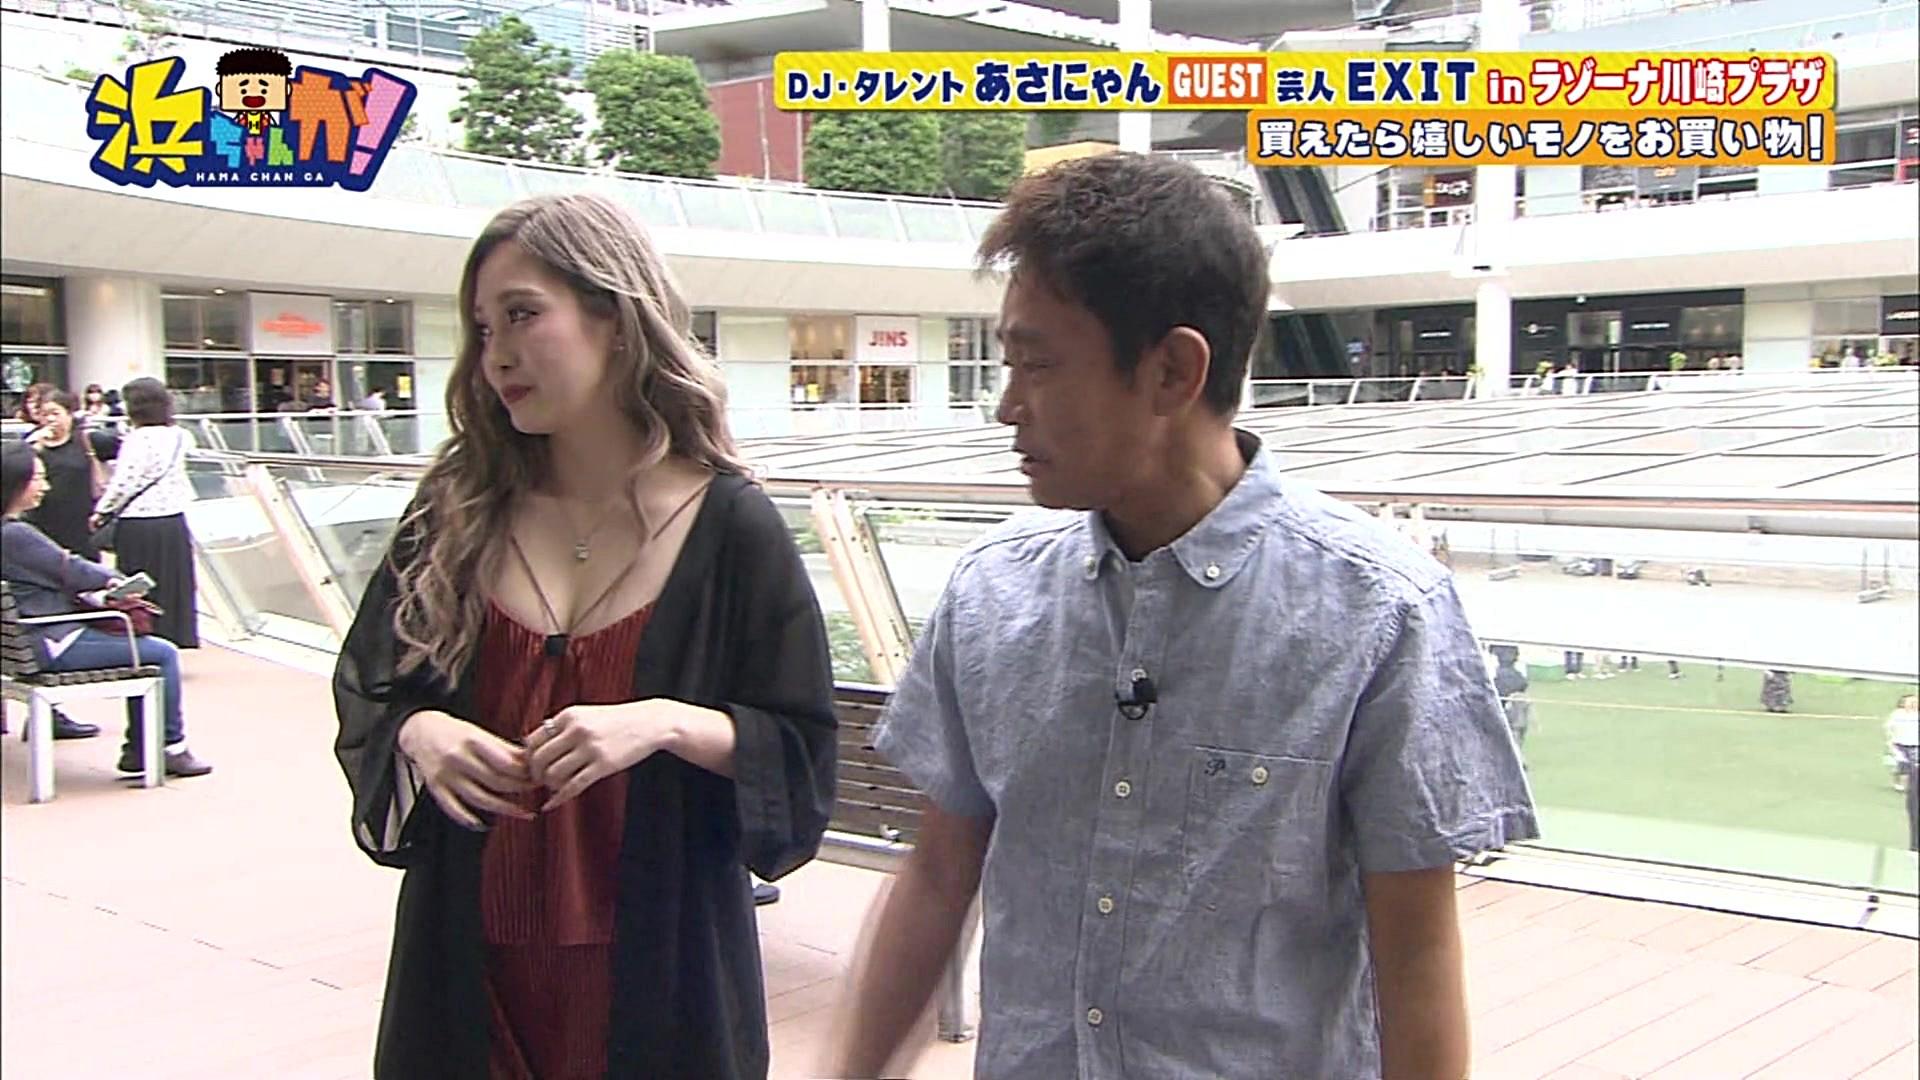 2019年7月17日「浜ちゃんが!」あさにゃんさんのテレビキャプチャー画像-113